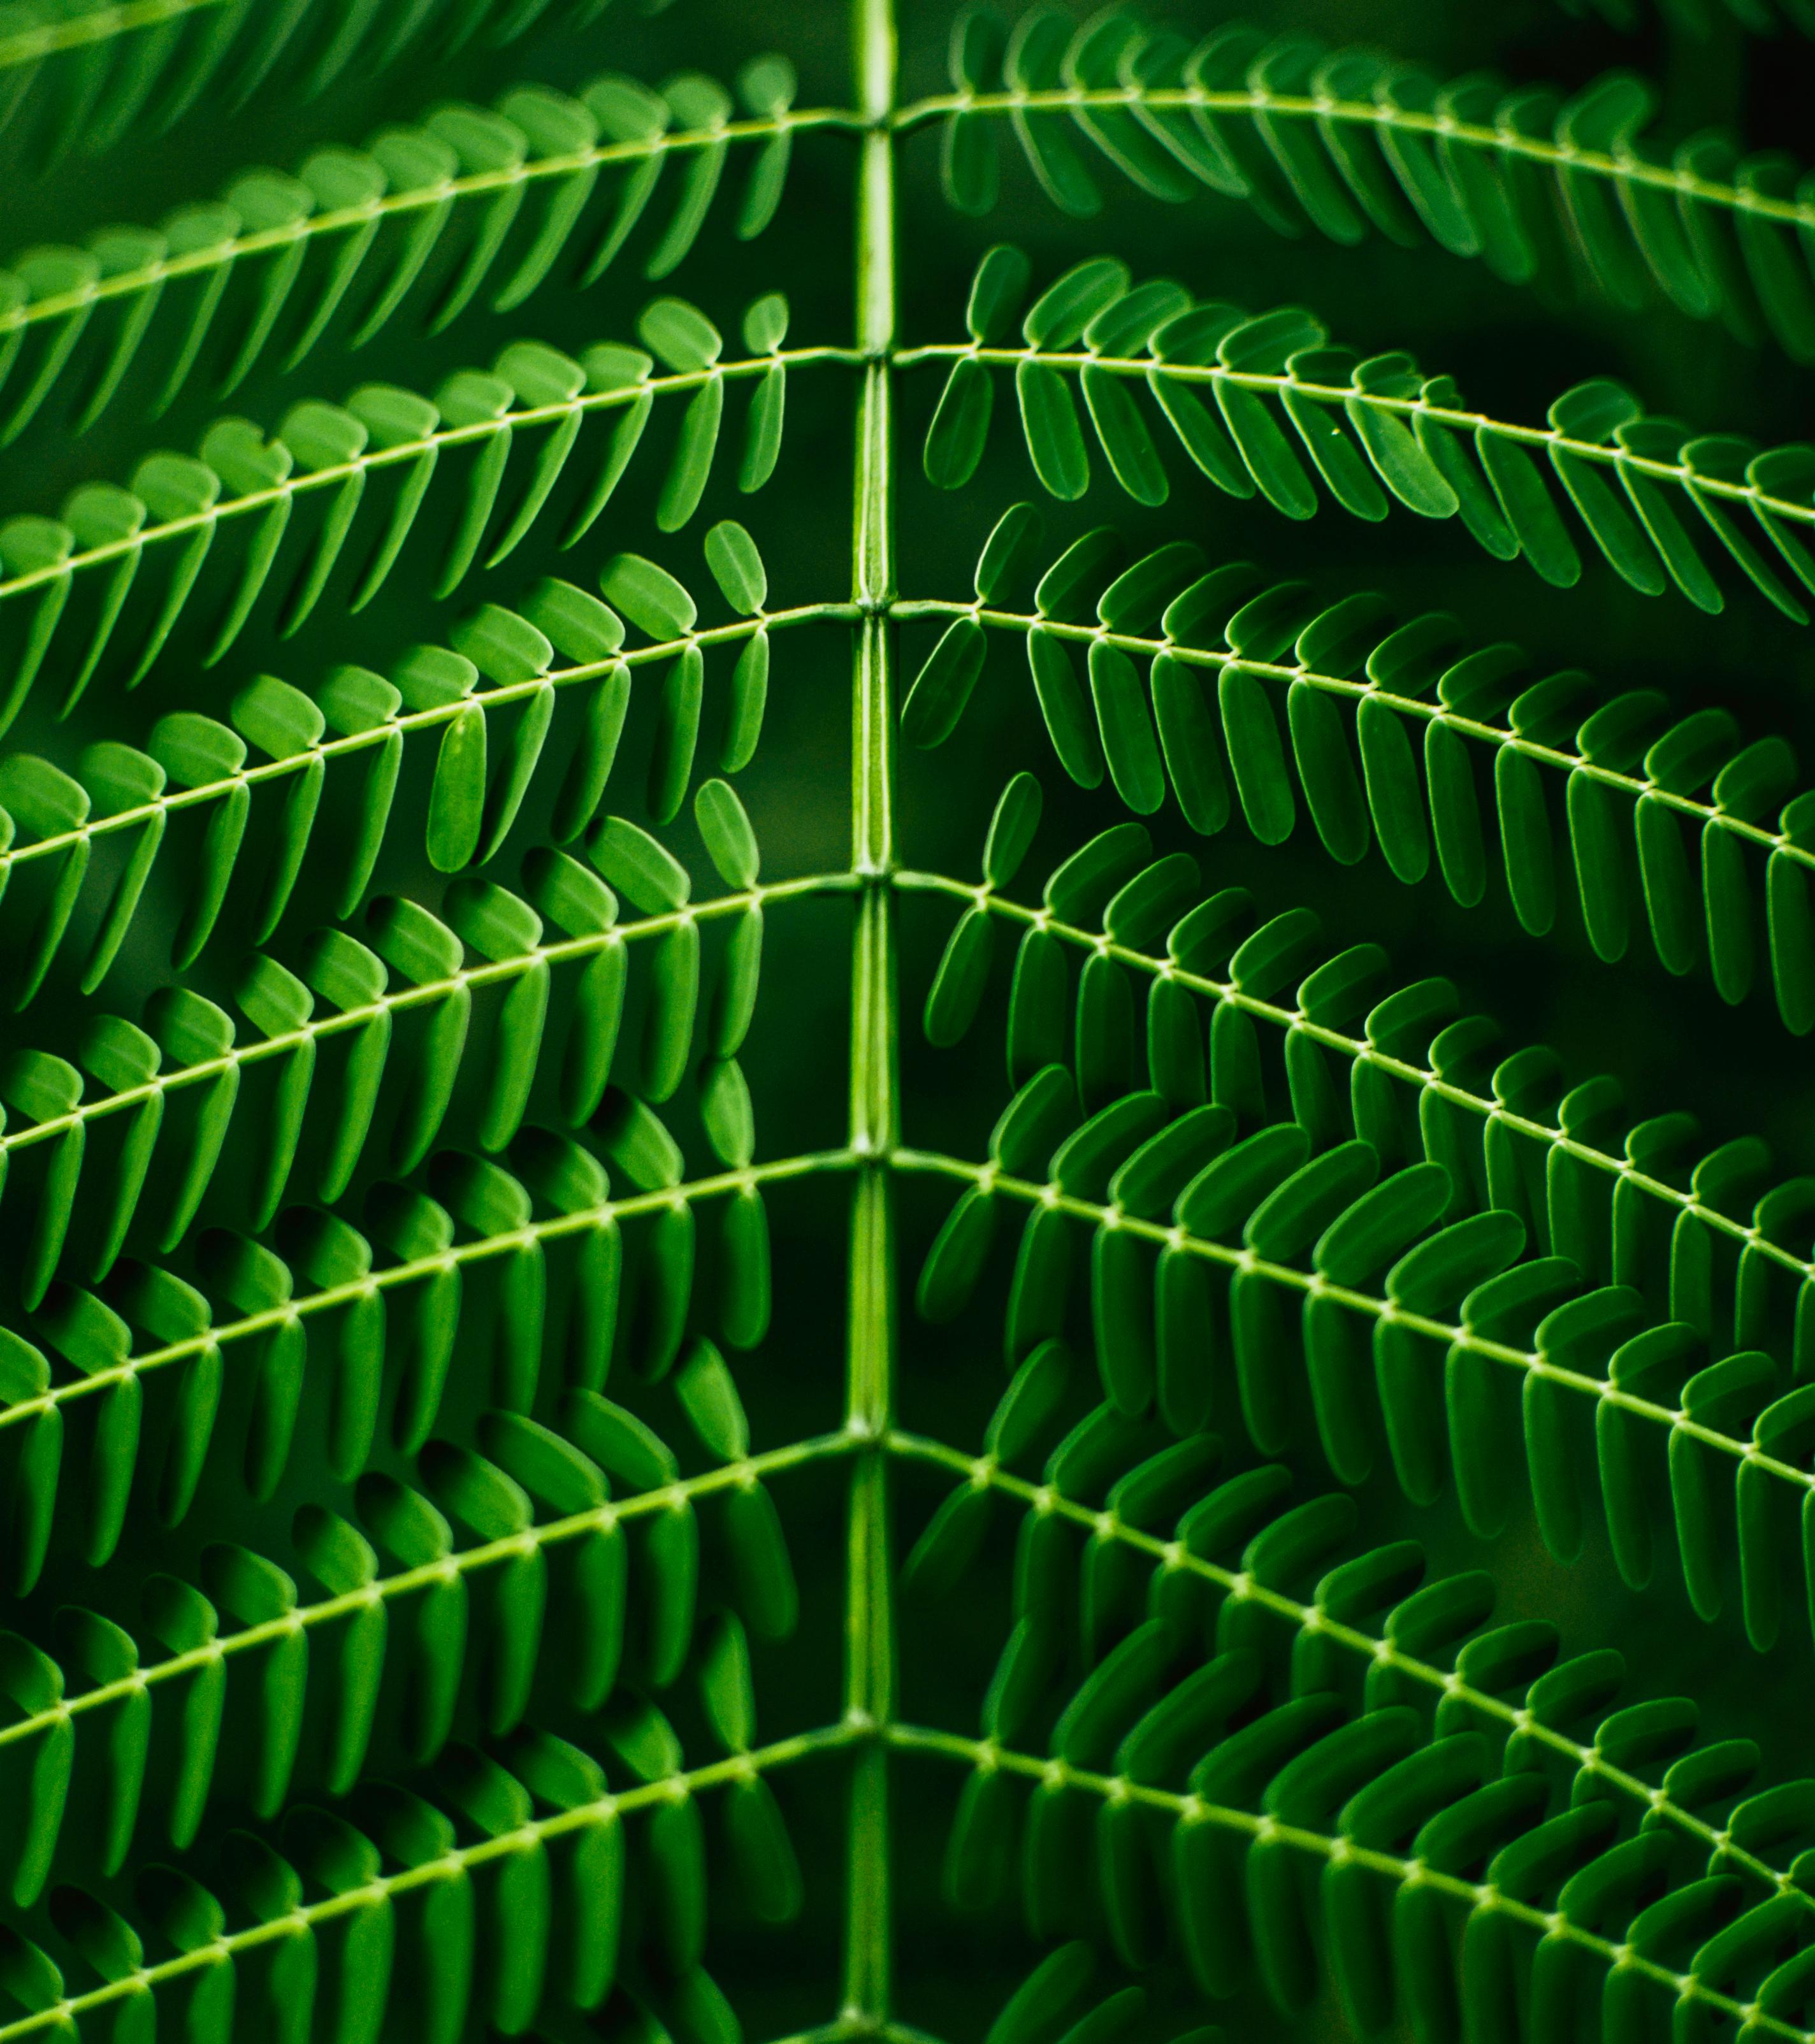 Fotos gratis : planta, hoja, patrón, línea, verde, circulo, fuente ...